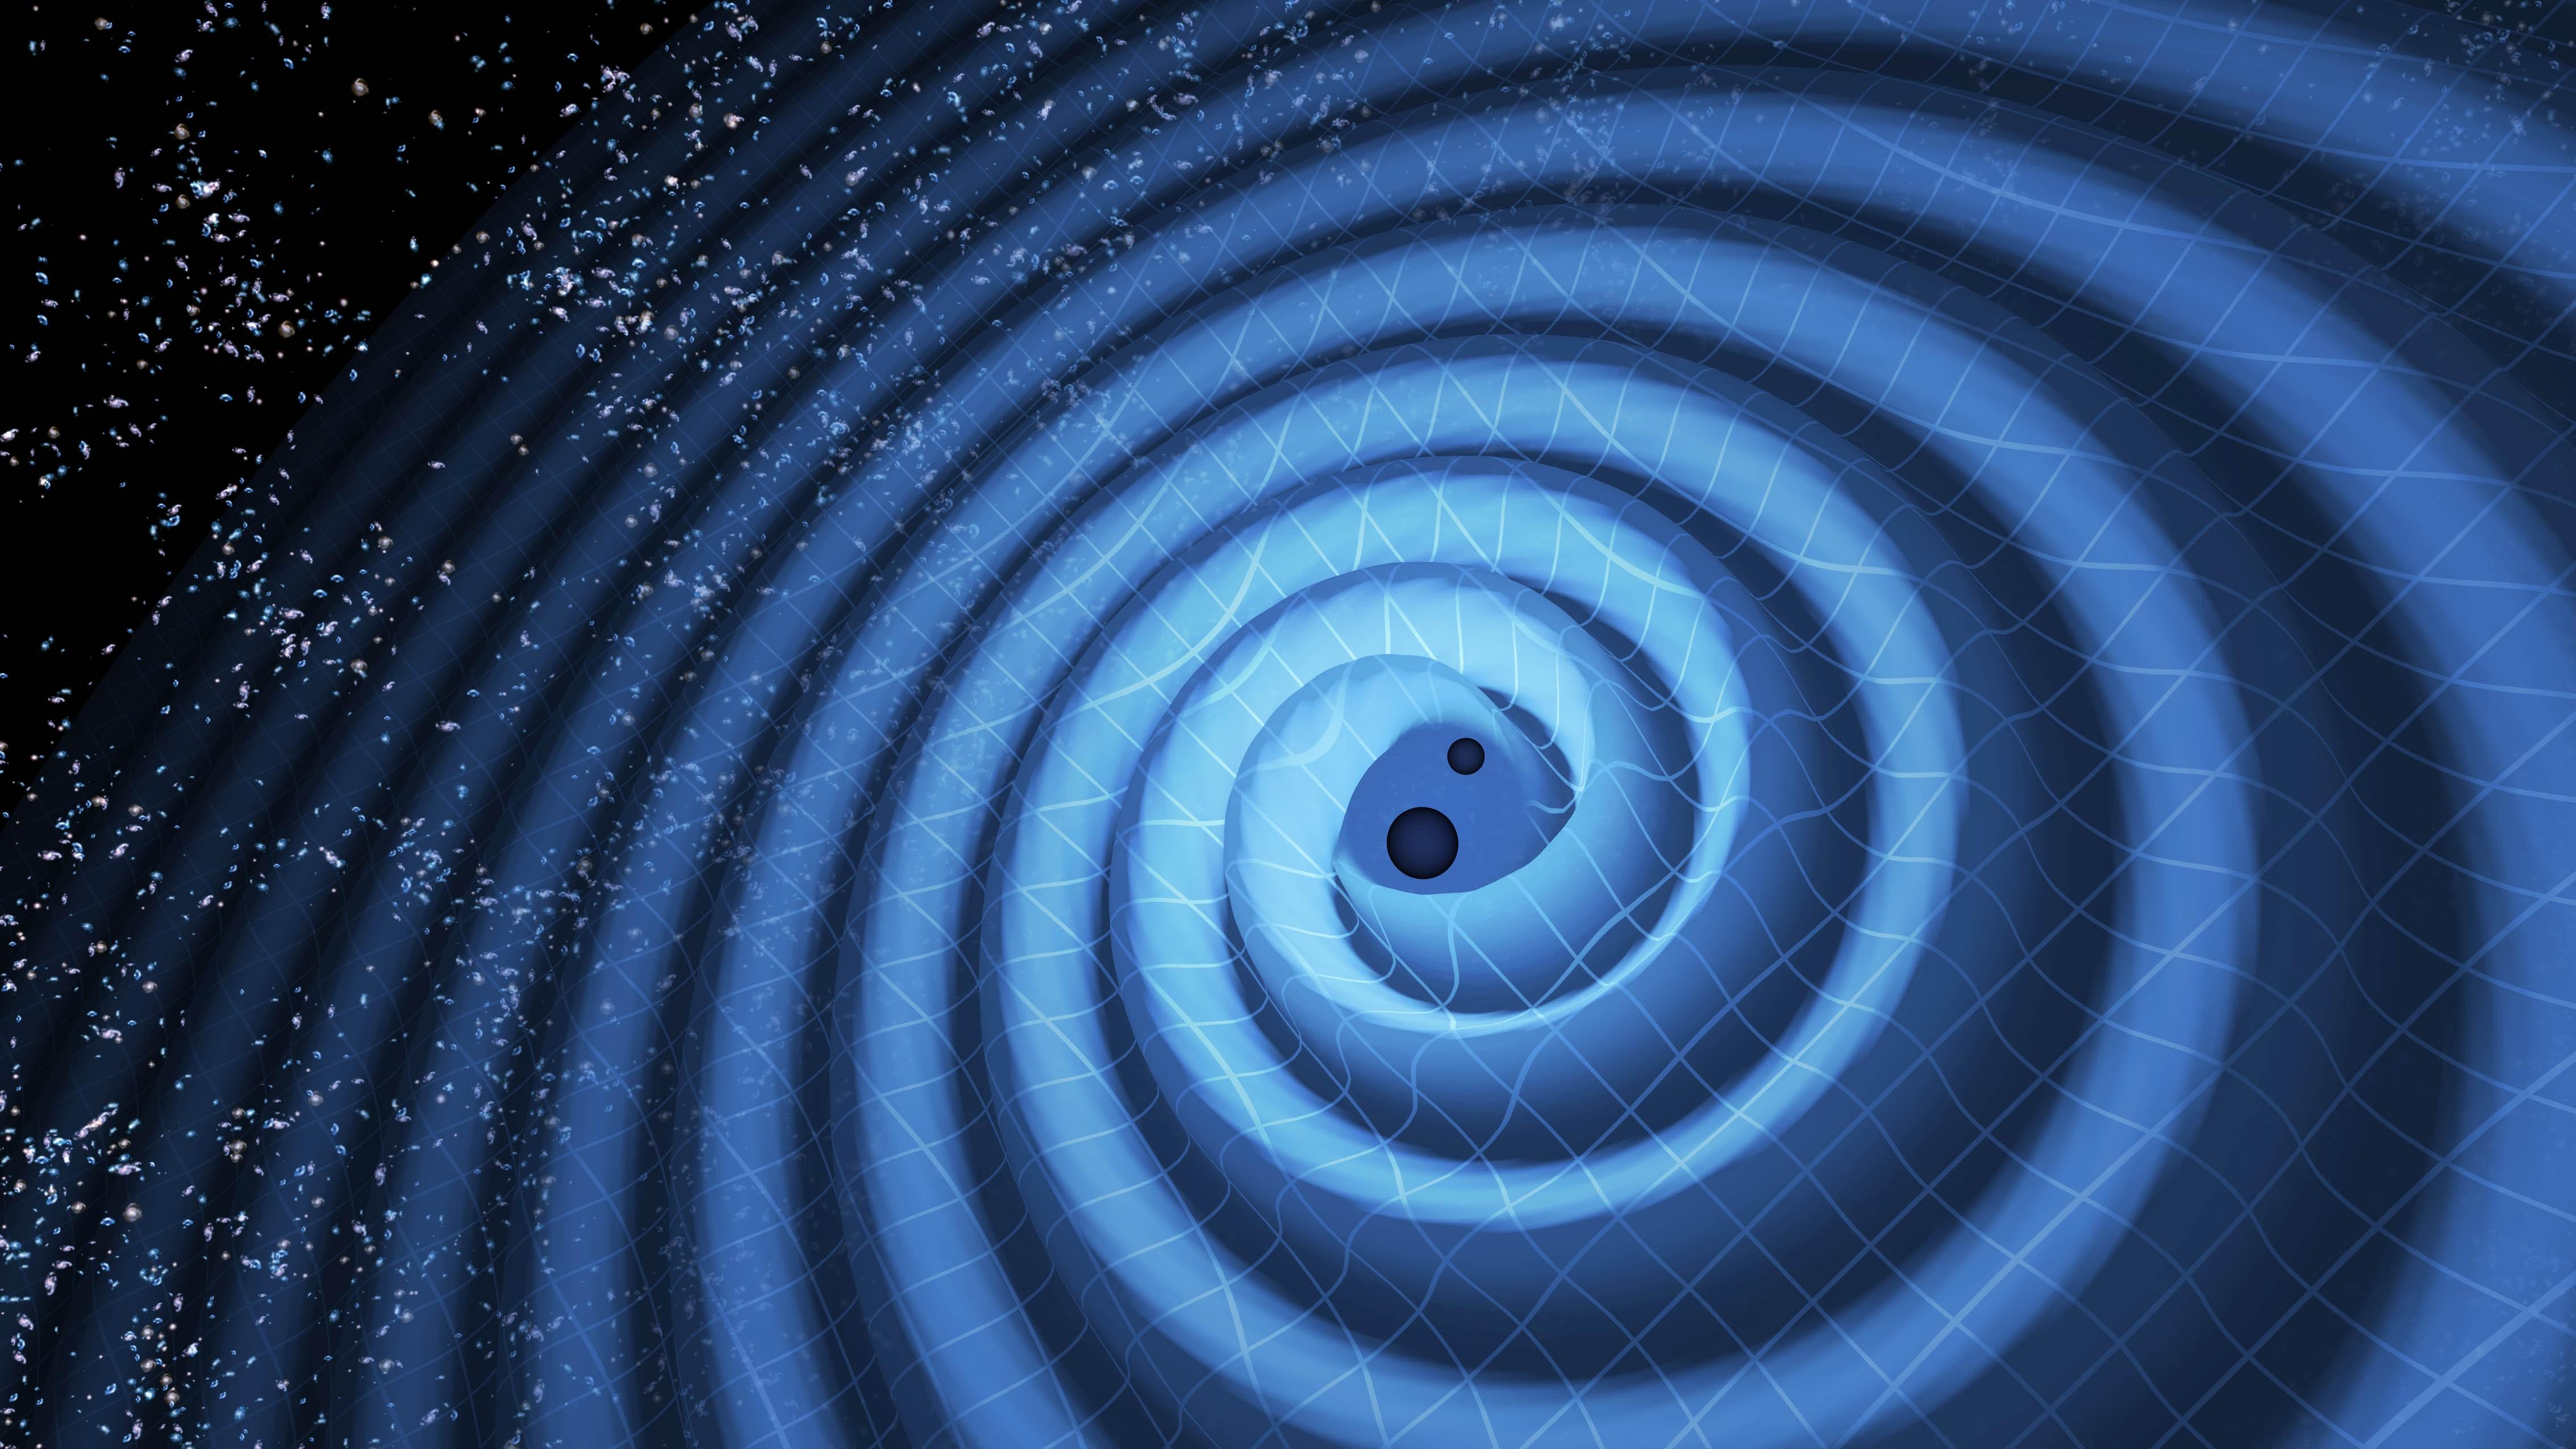 Ondas gravitacionais também foram detectadas pelos cientistas (Foto: LIGO / T. Pyle)